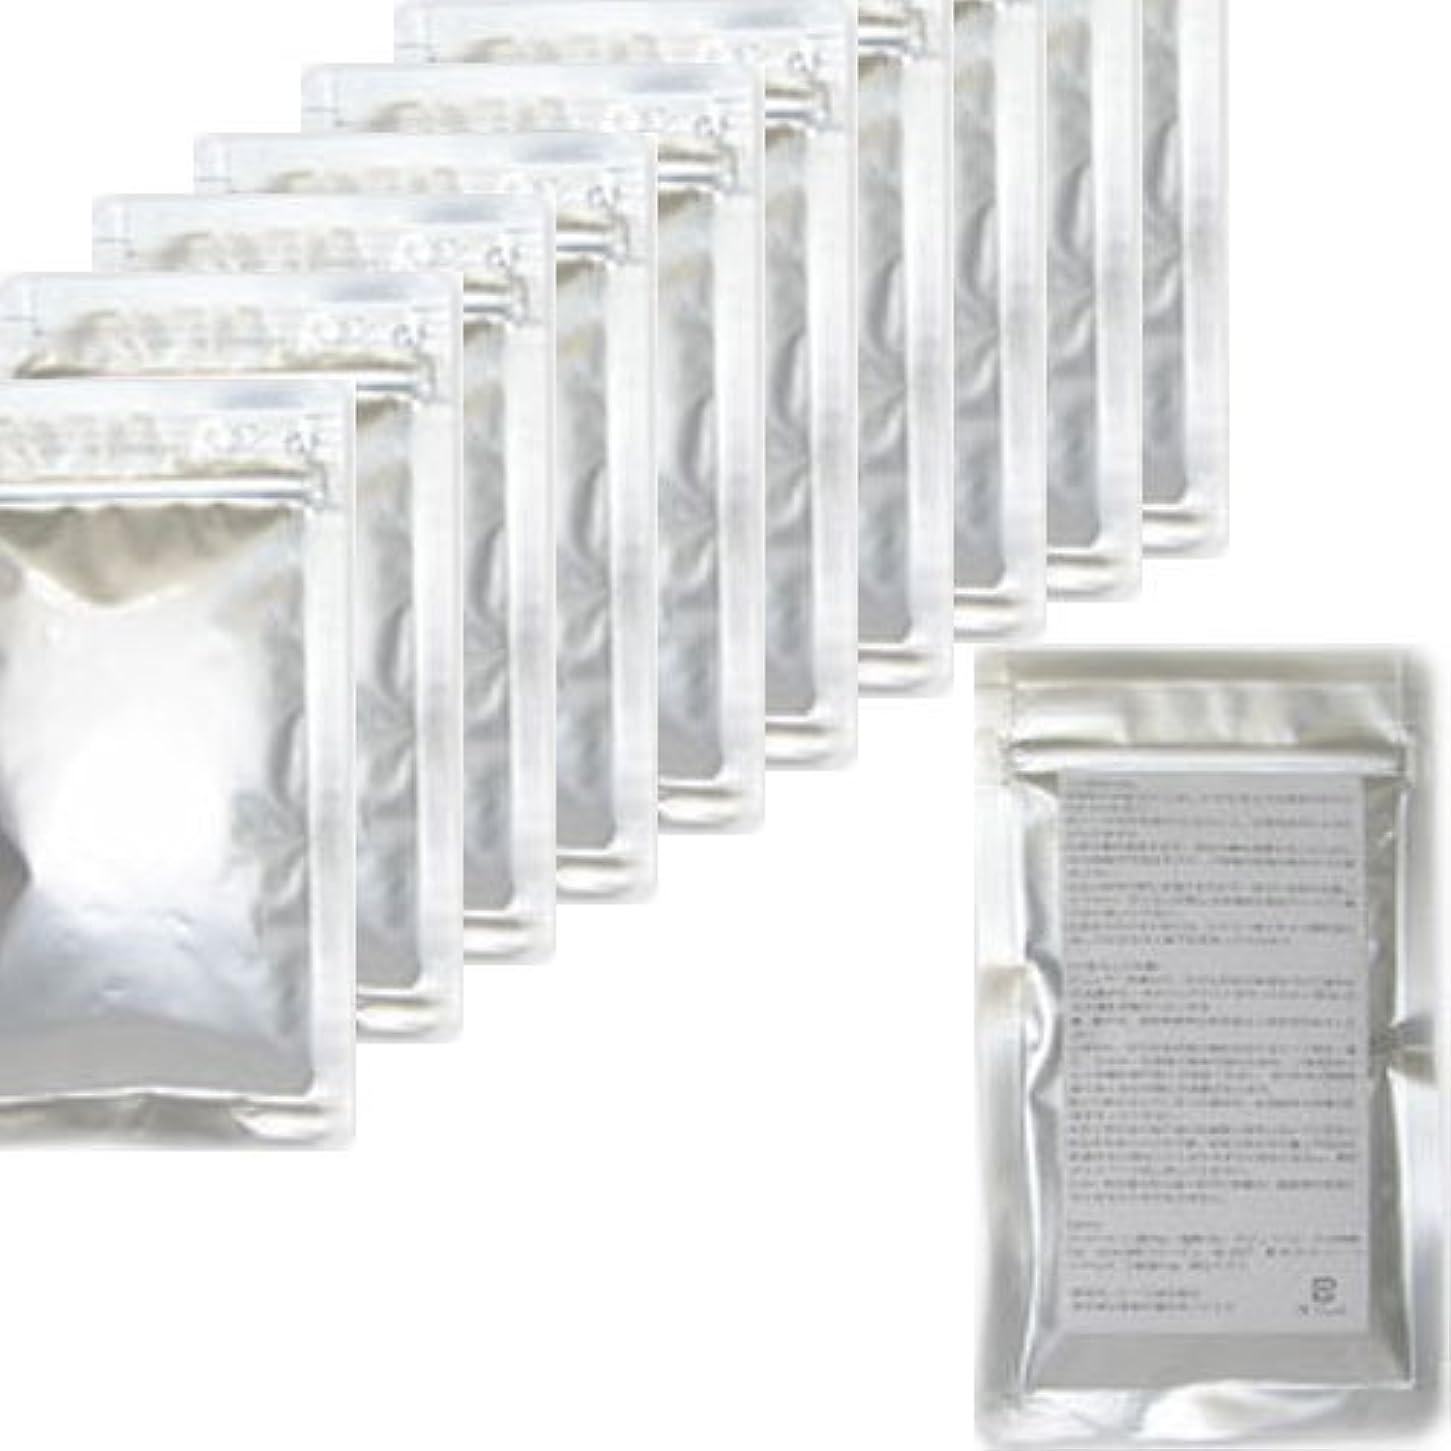 ラフ睡眠気を散らす原理業者様用 ローションバス とろとろ入浴剤「お風呂でねっとり」 業務用50g(50個セット) (アロマローズ(ピンク))